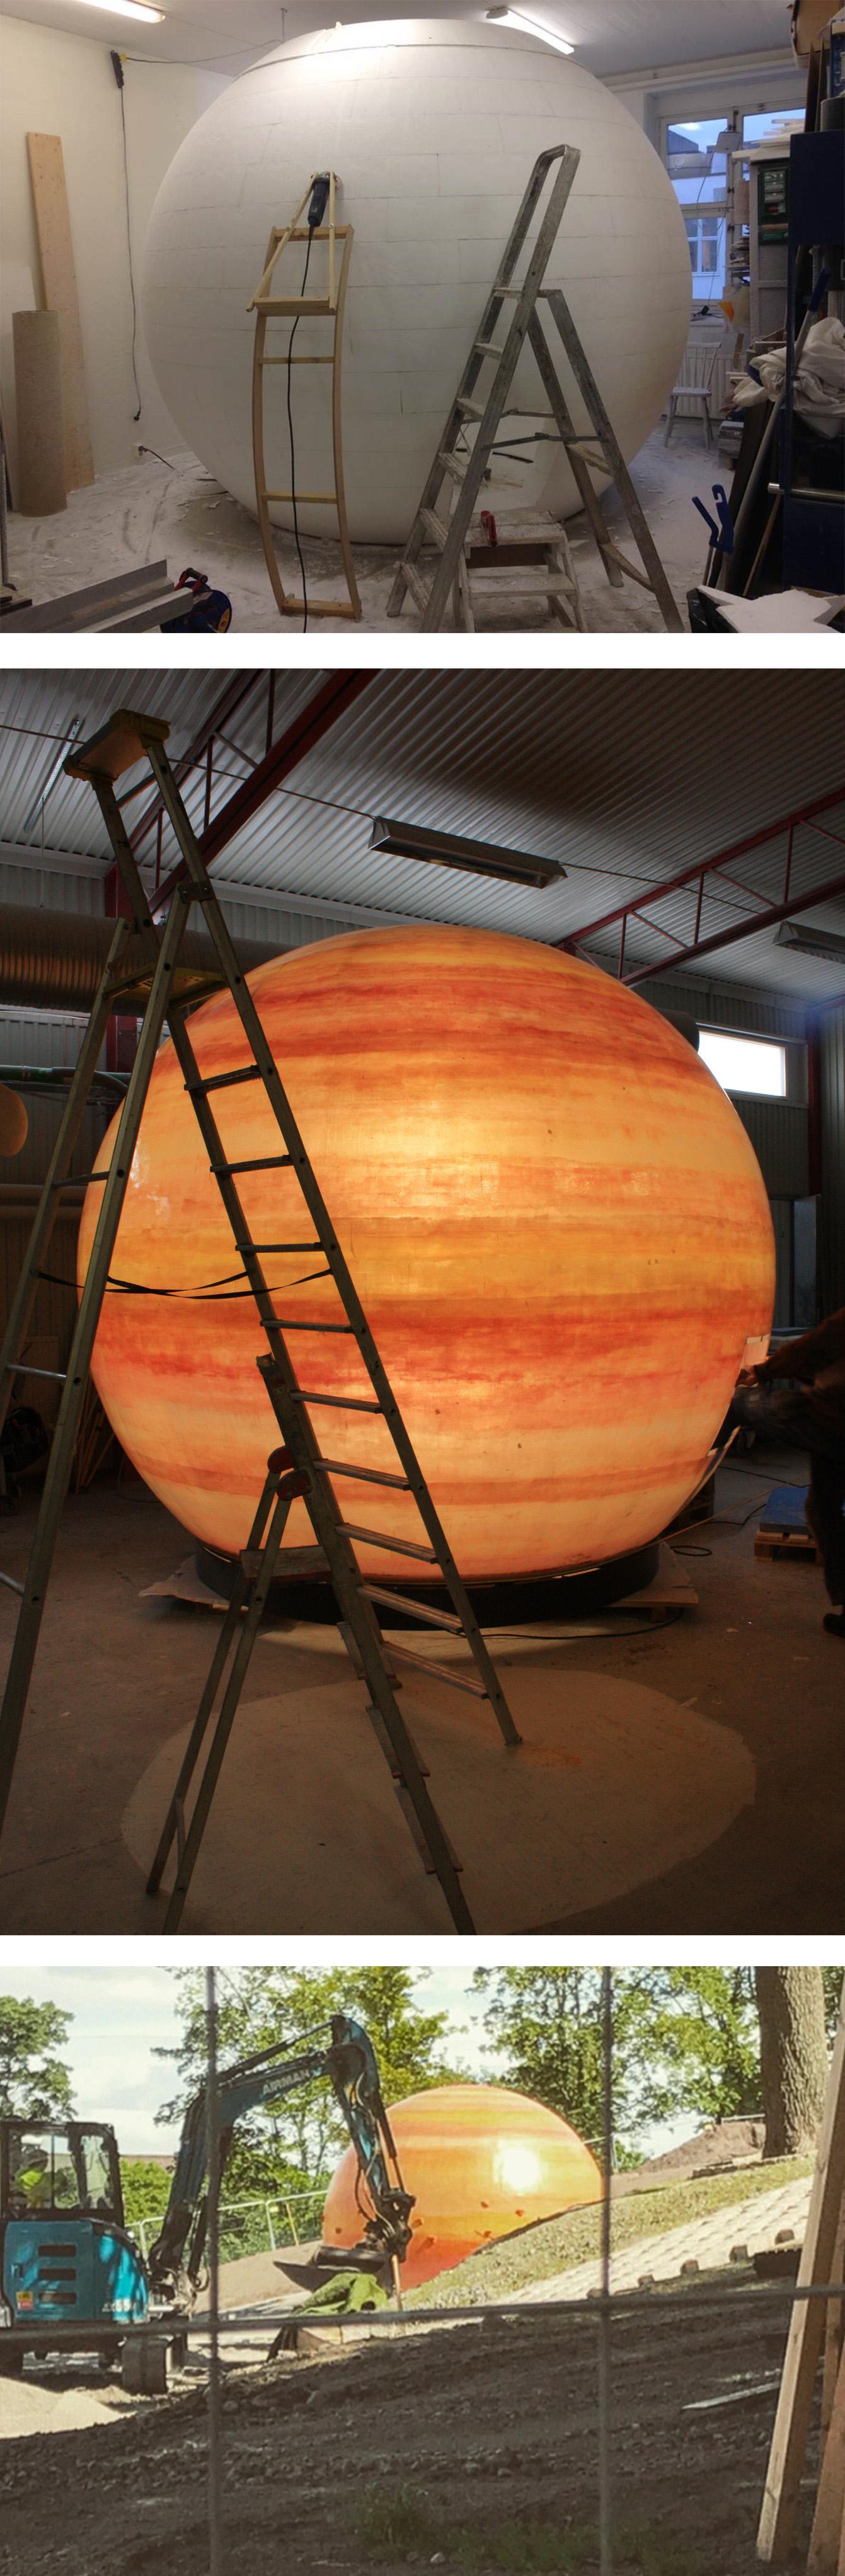 Jupiter har landat_observatorielunden_Land_1